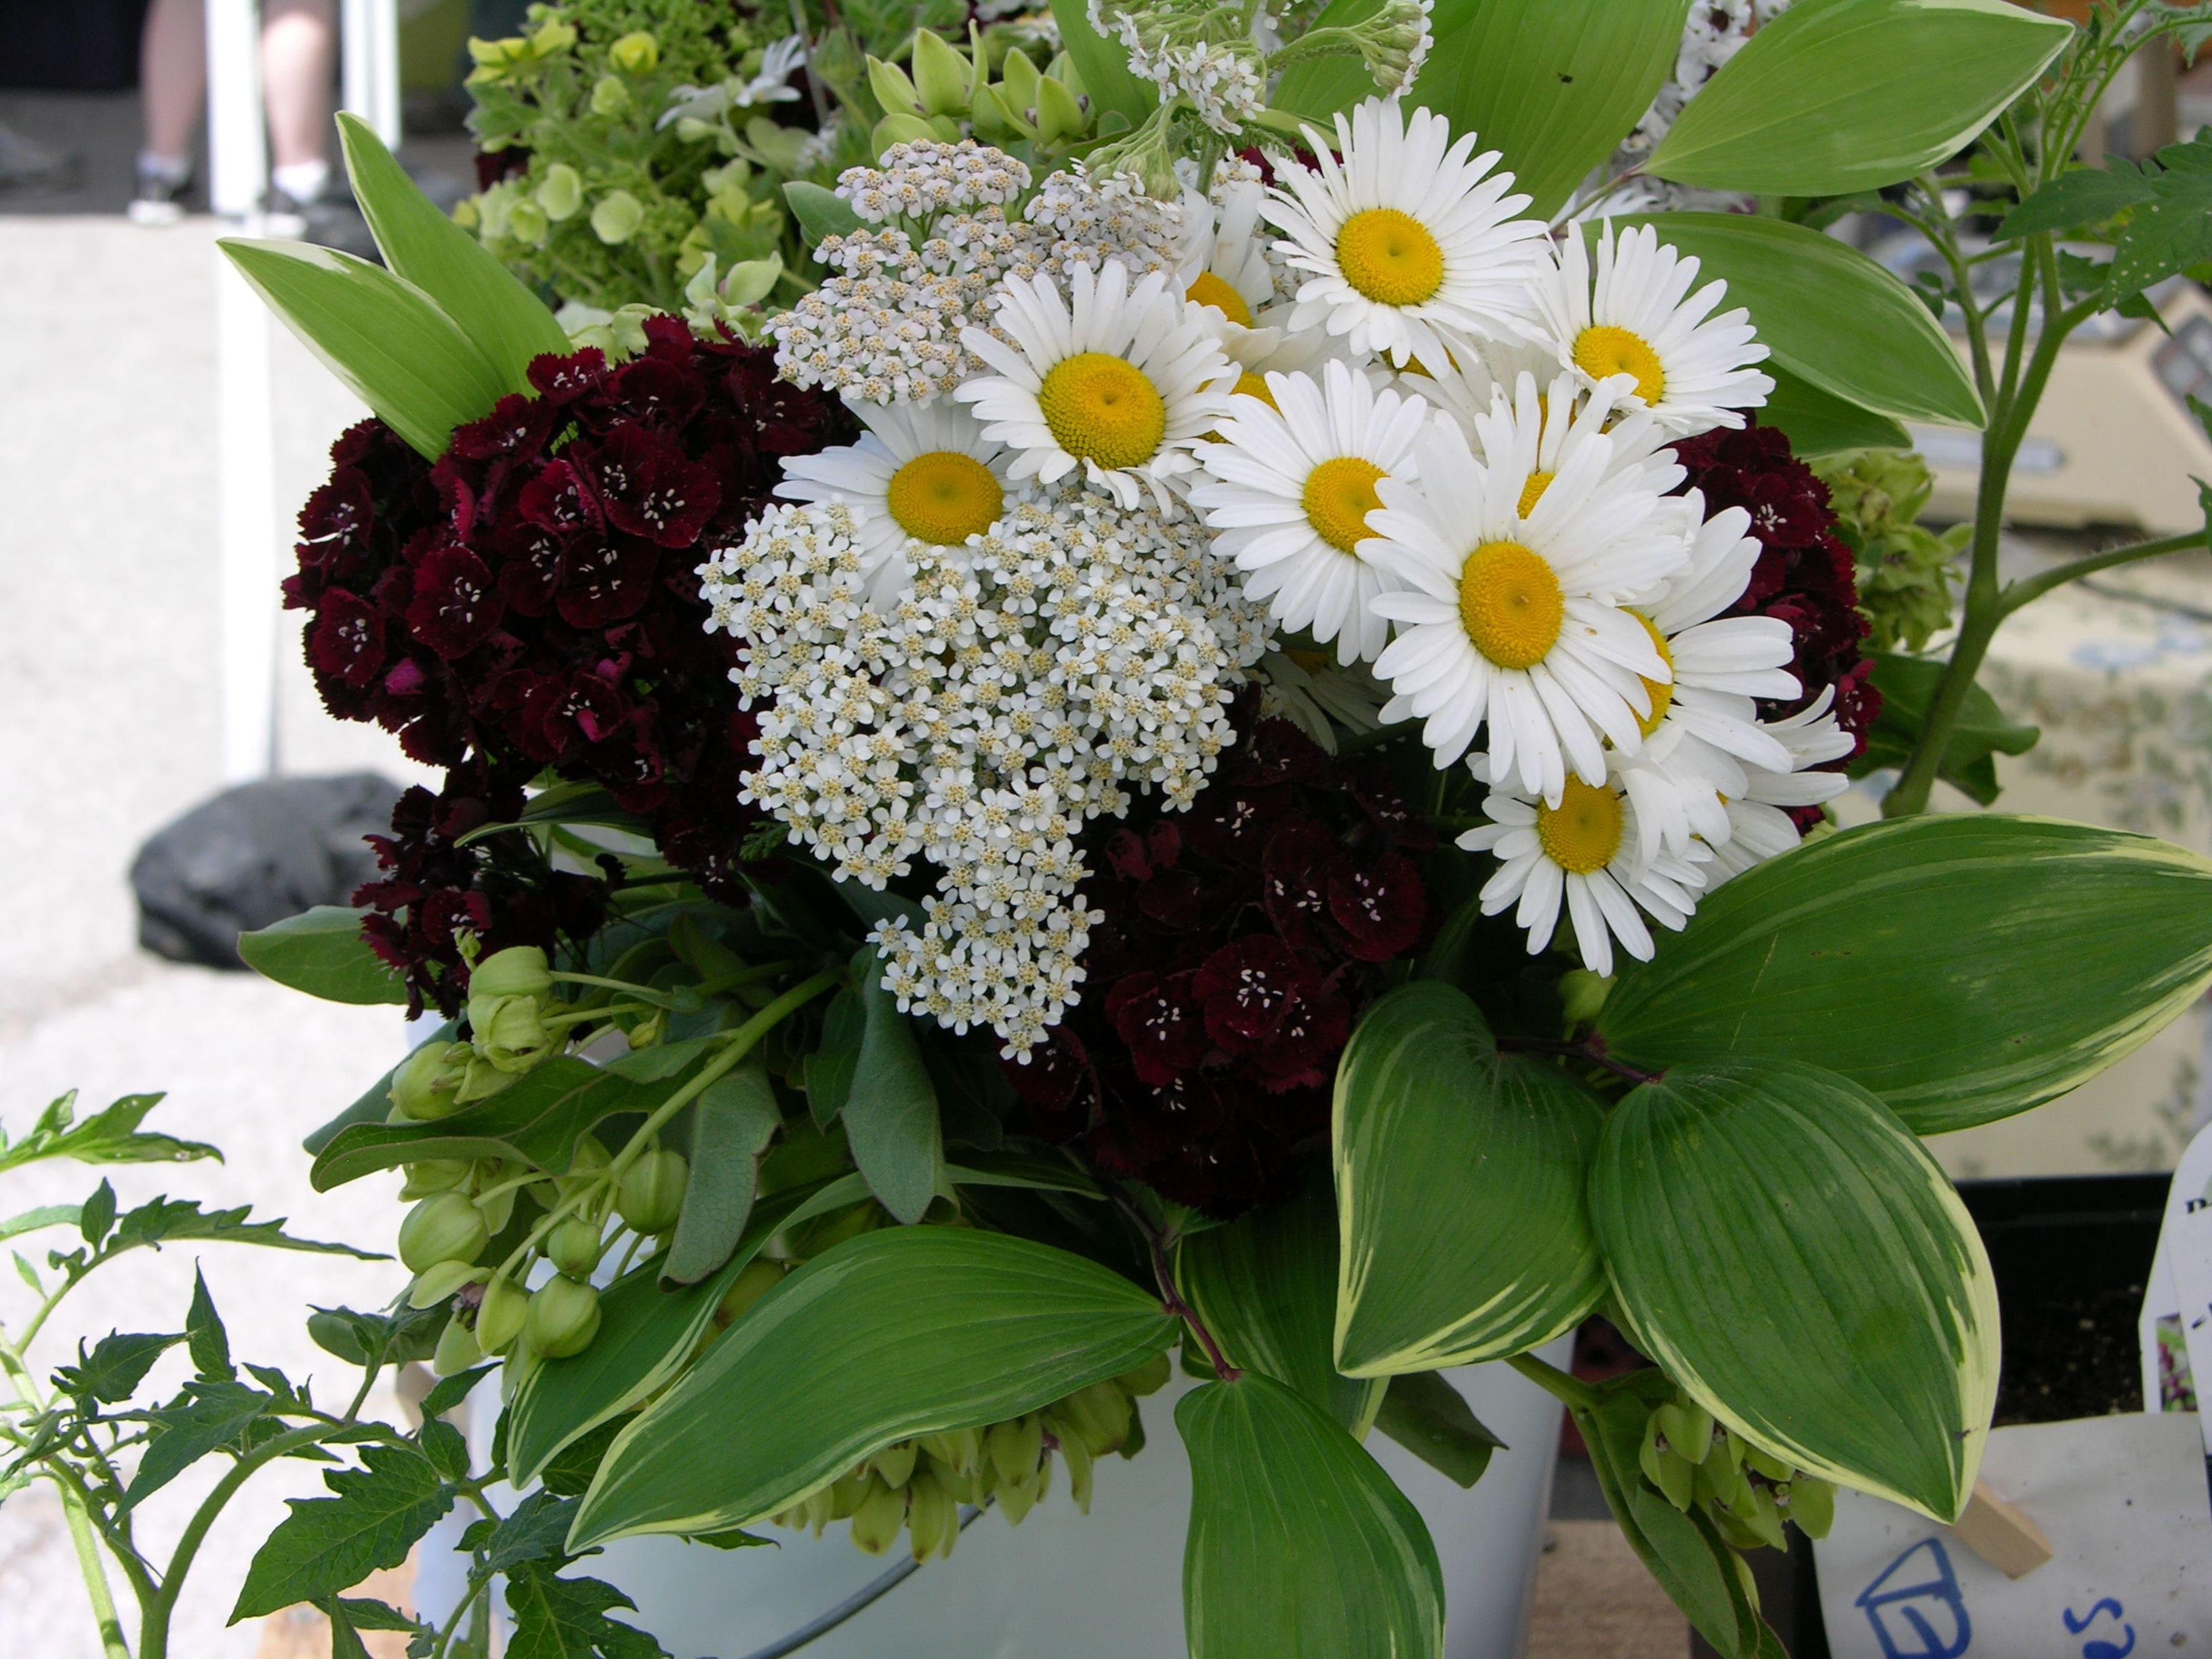 https://0201.nccdn.net/4_2/000/000/072/2aa/flower-bouquet-2010-4-min-3264x2448.jpg